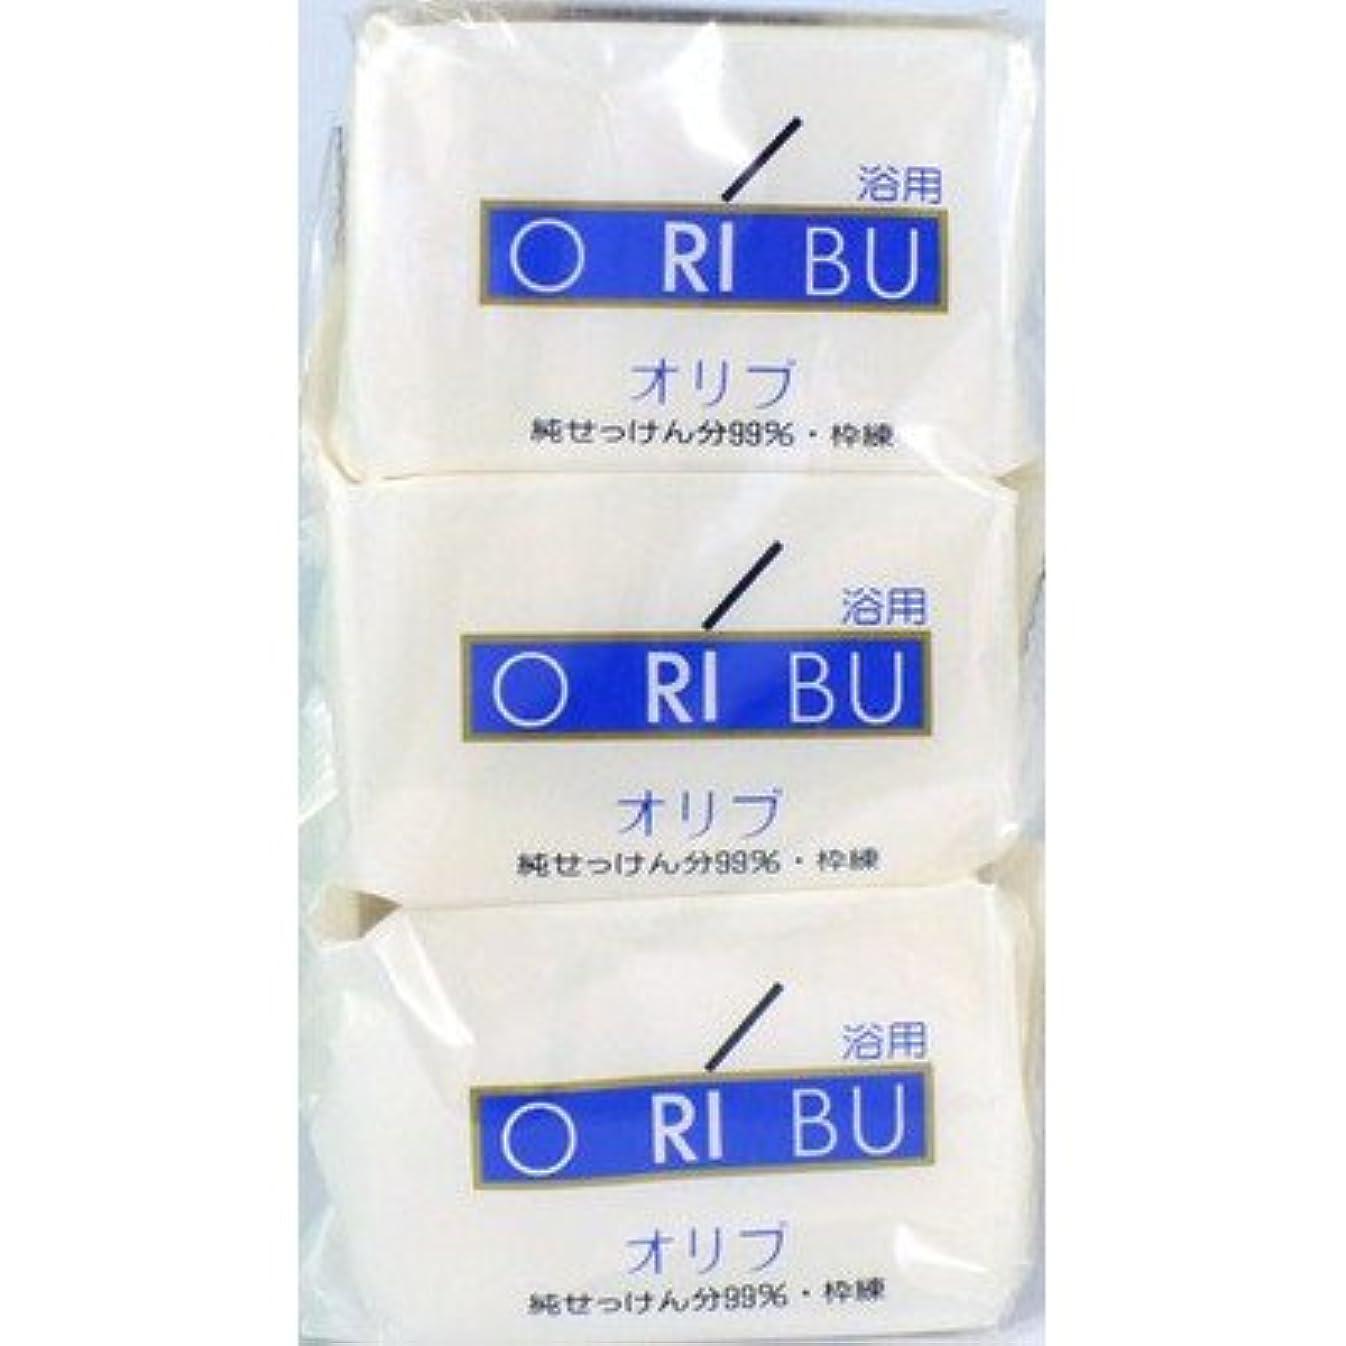 ダンプコンピュータージェット暁石鹸 ORIBU オリブ 浴用石鹸 110g 3個入り